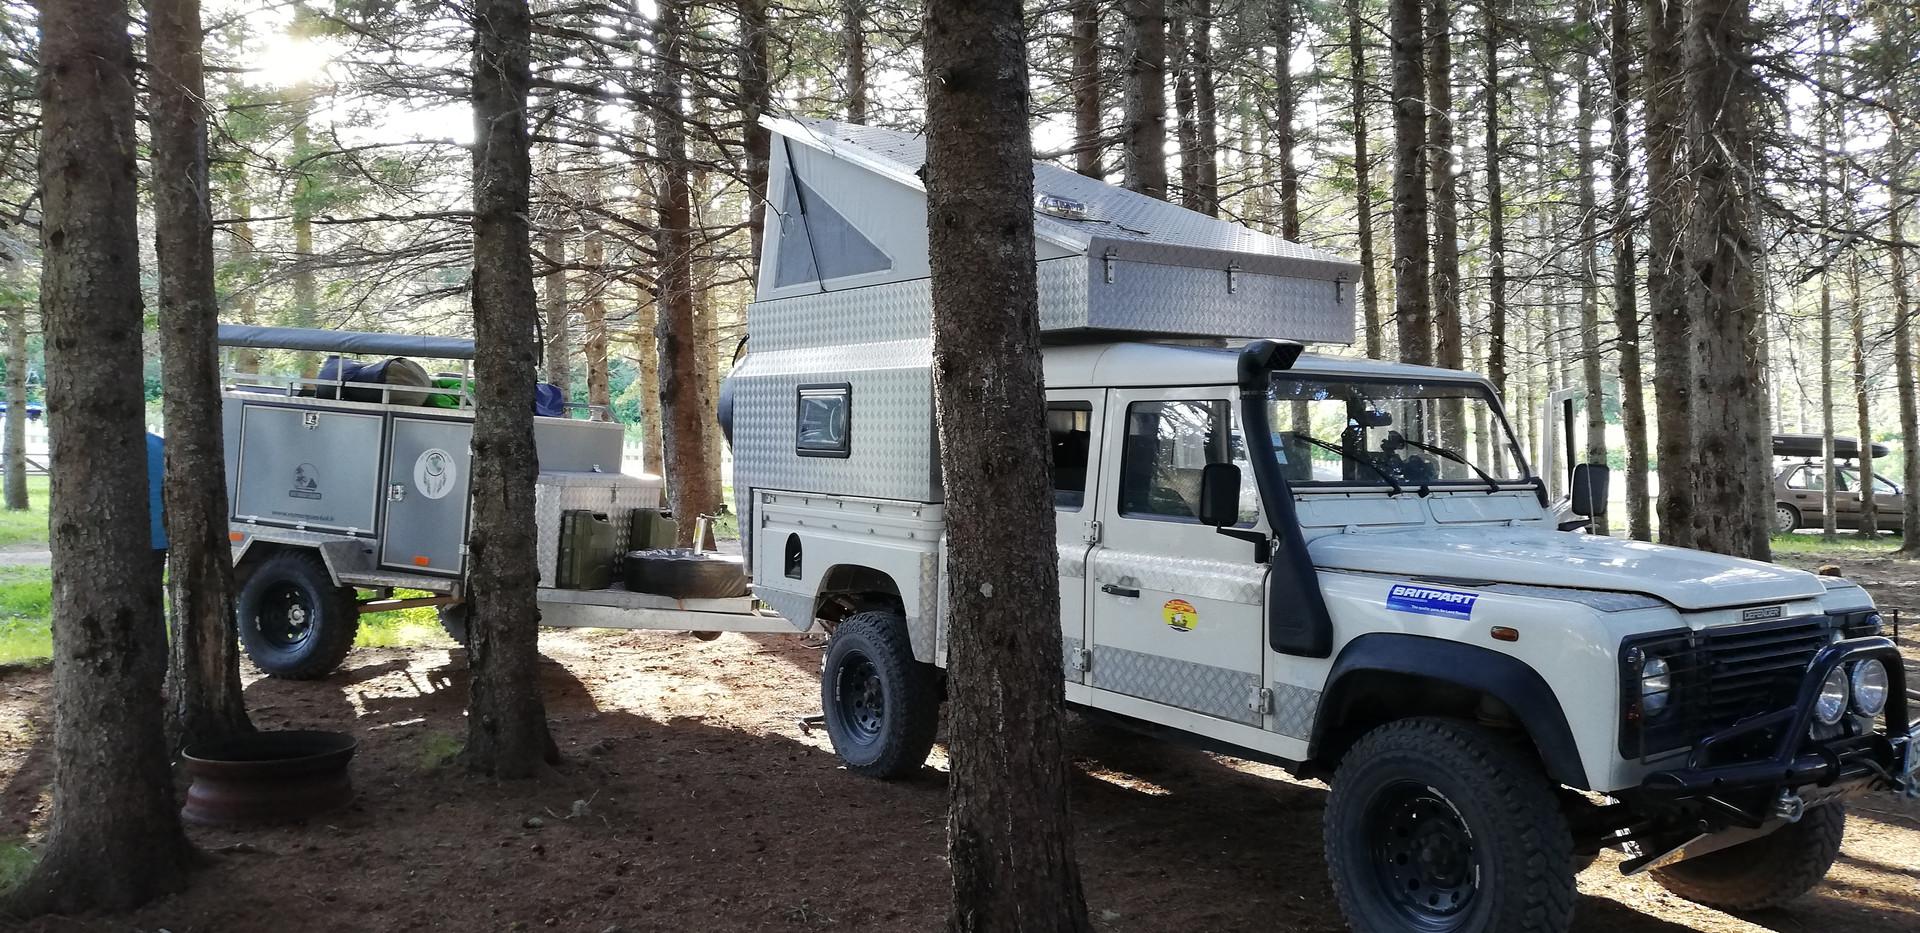 Campement entre les arbres.jpg